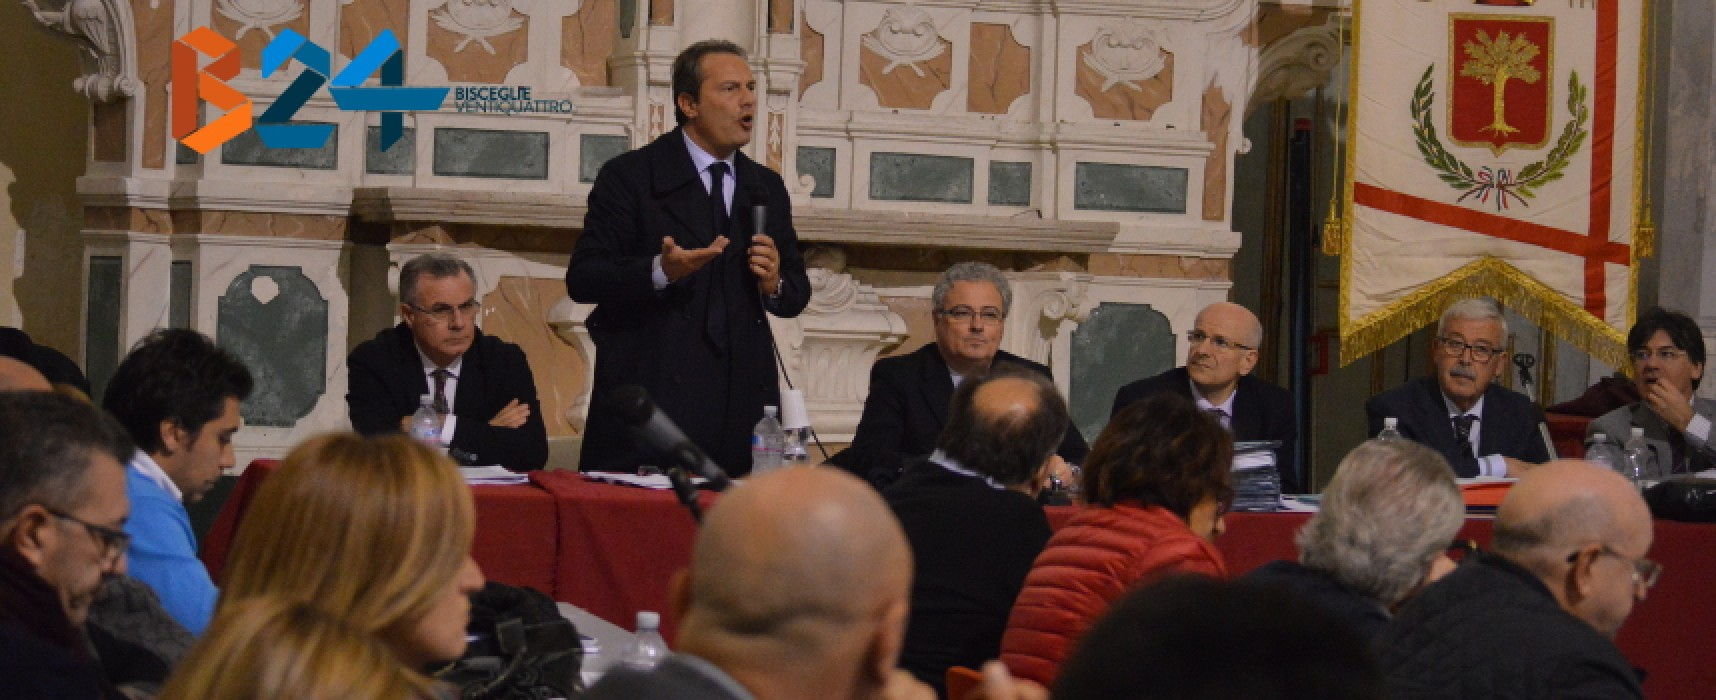 Consiglio comunale, i debiti fuori bilancio accendono la discussione